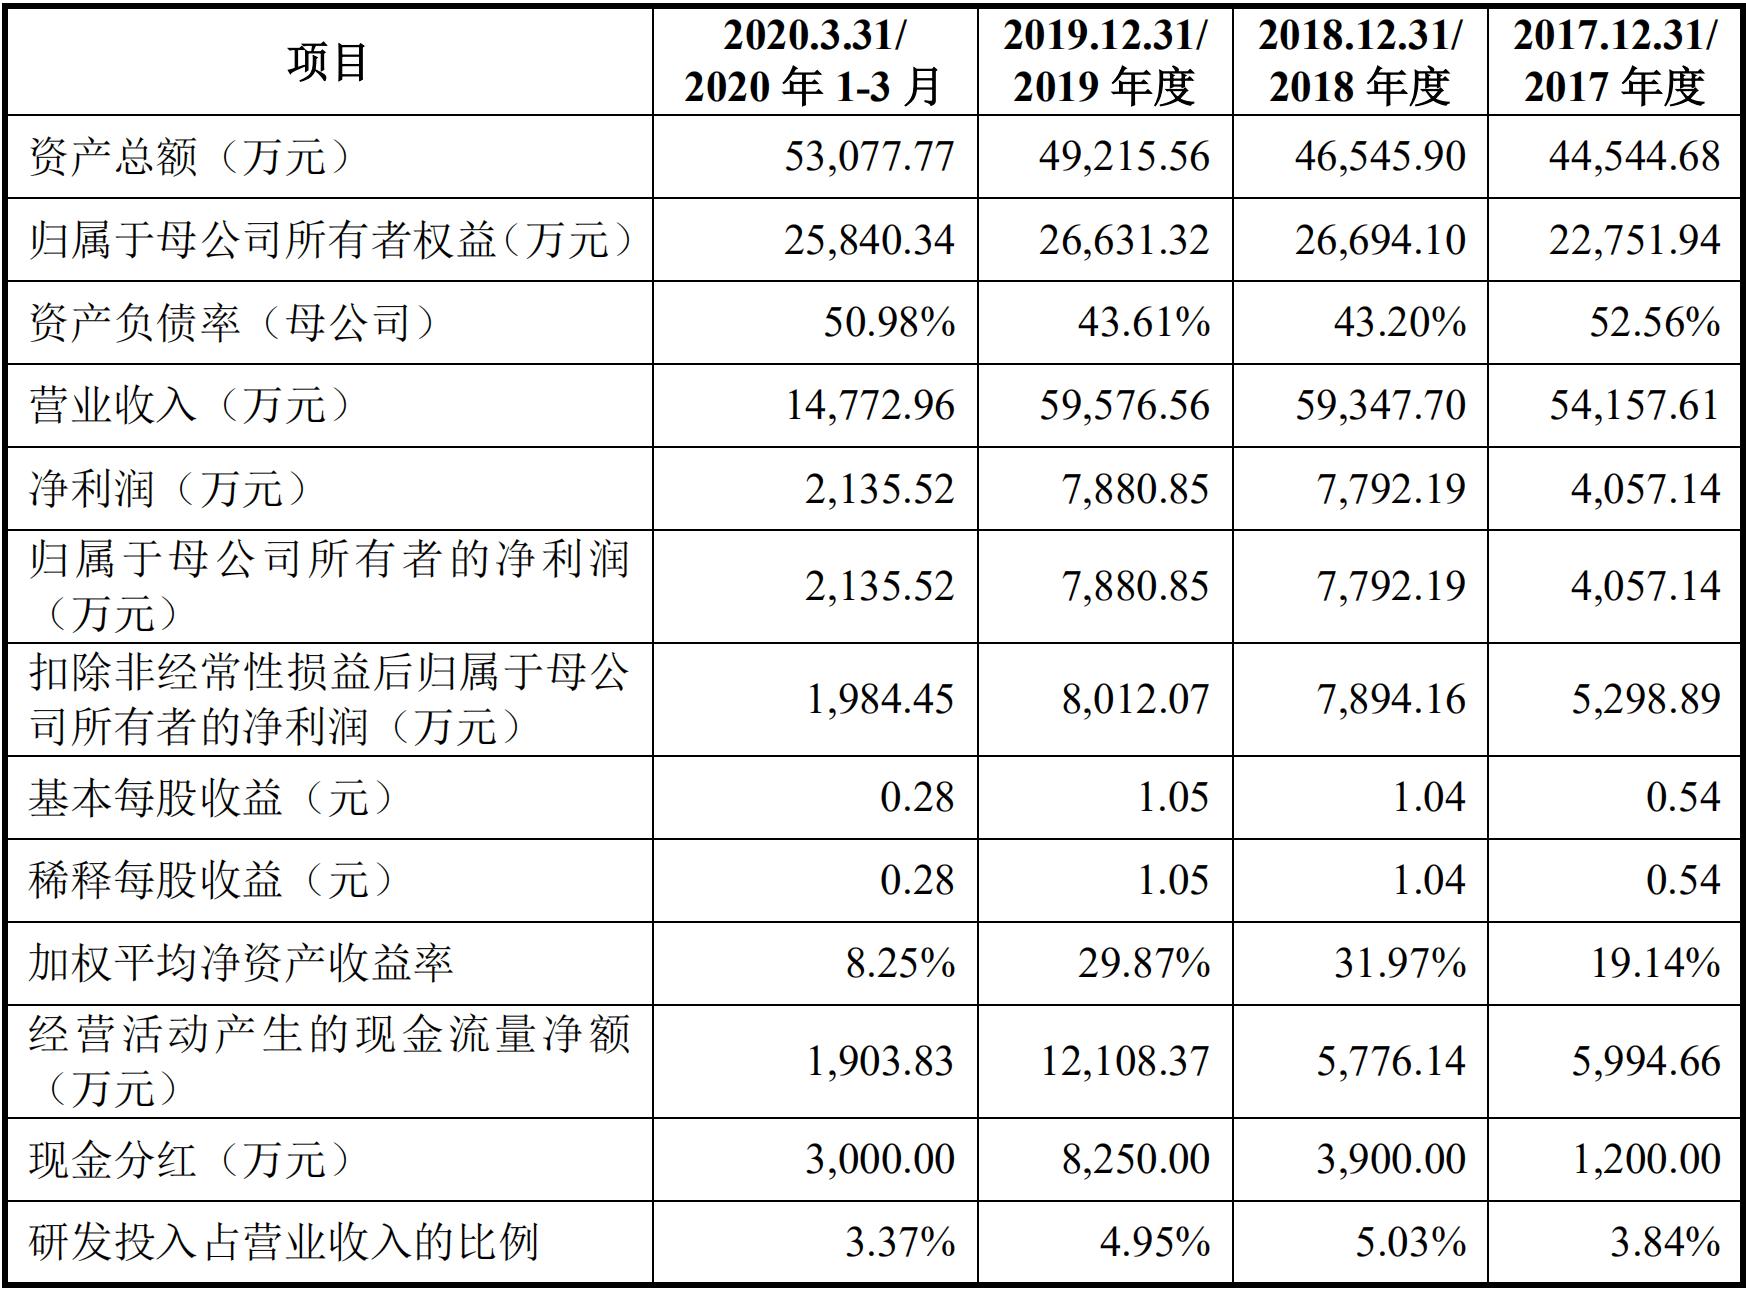 华之杰冲刺科创板IPO 2019年分红8250万超上年净利润